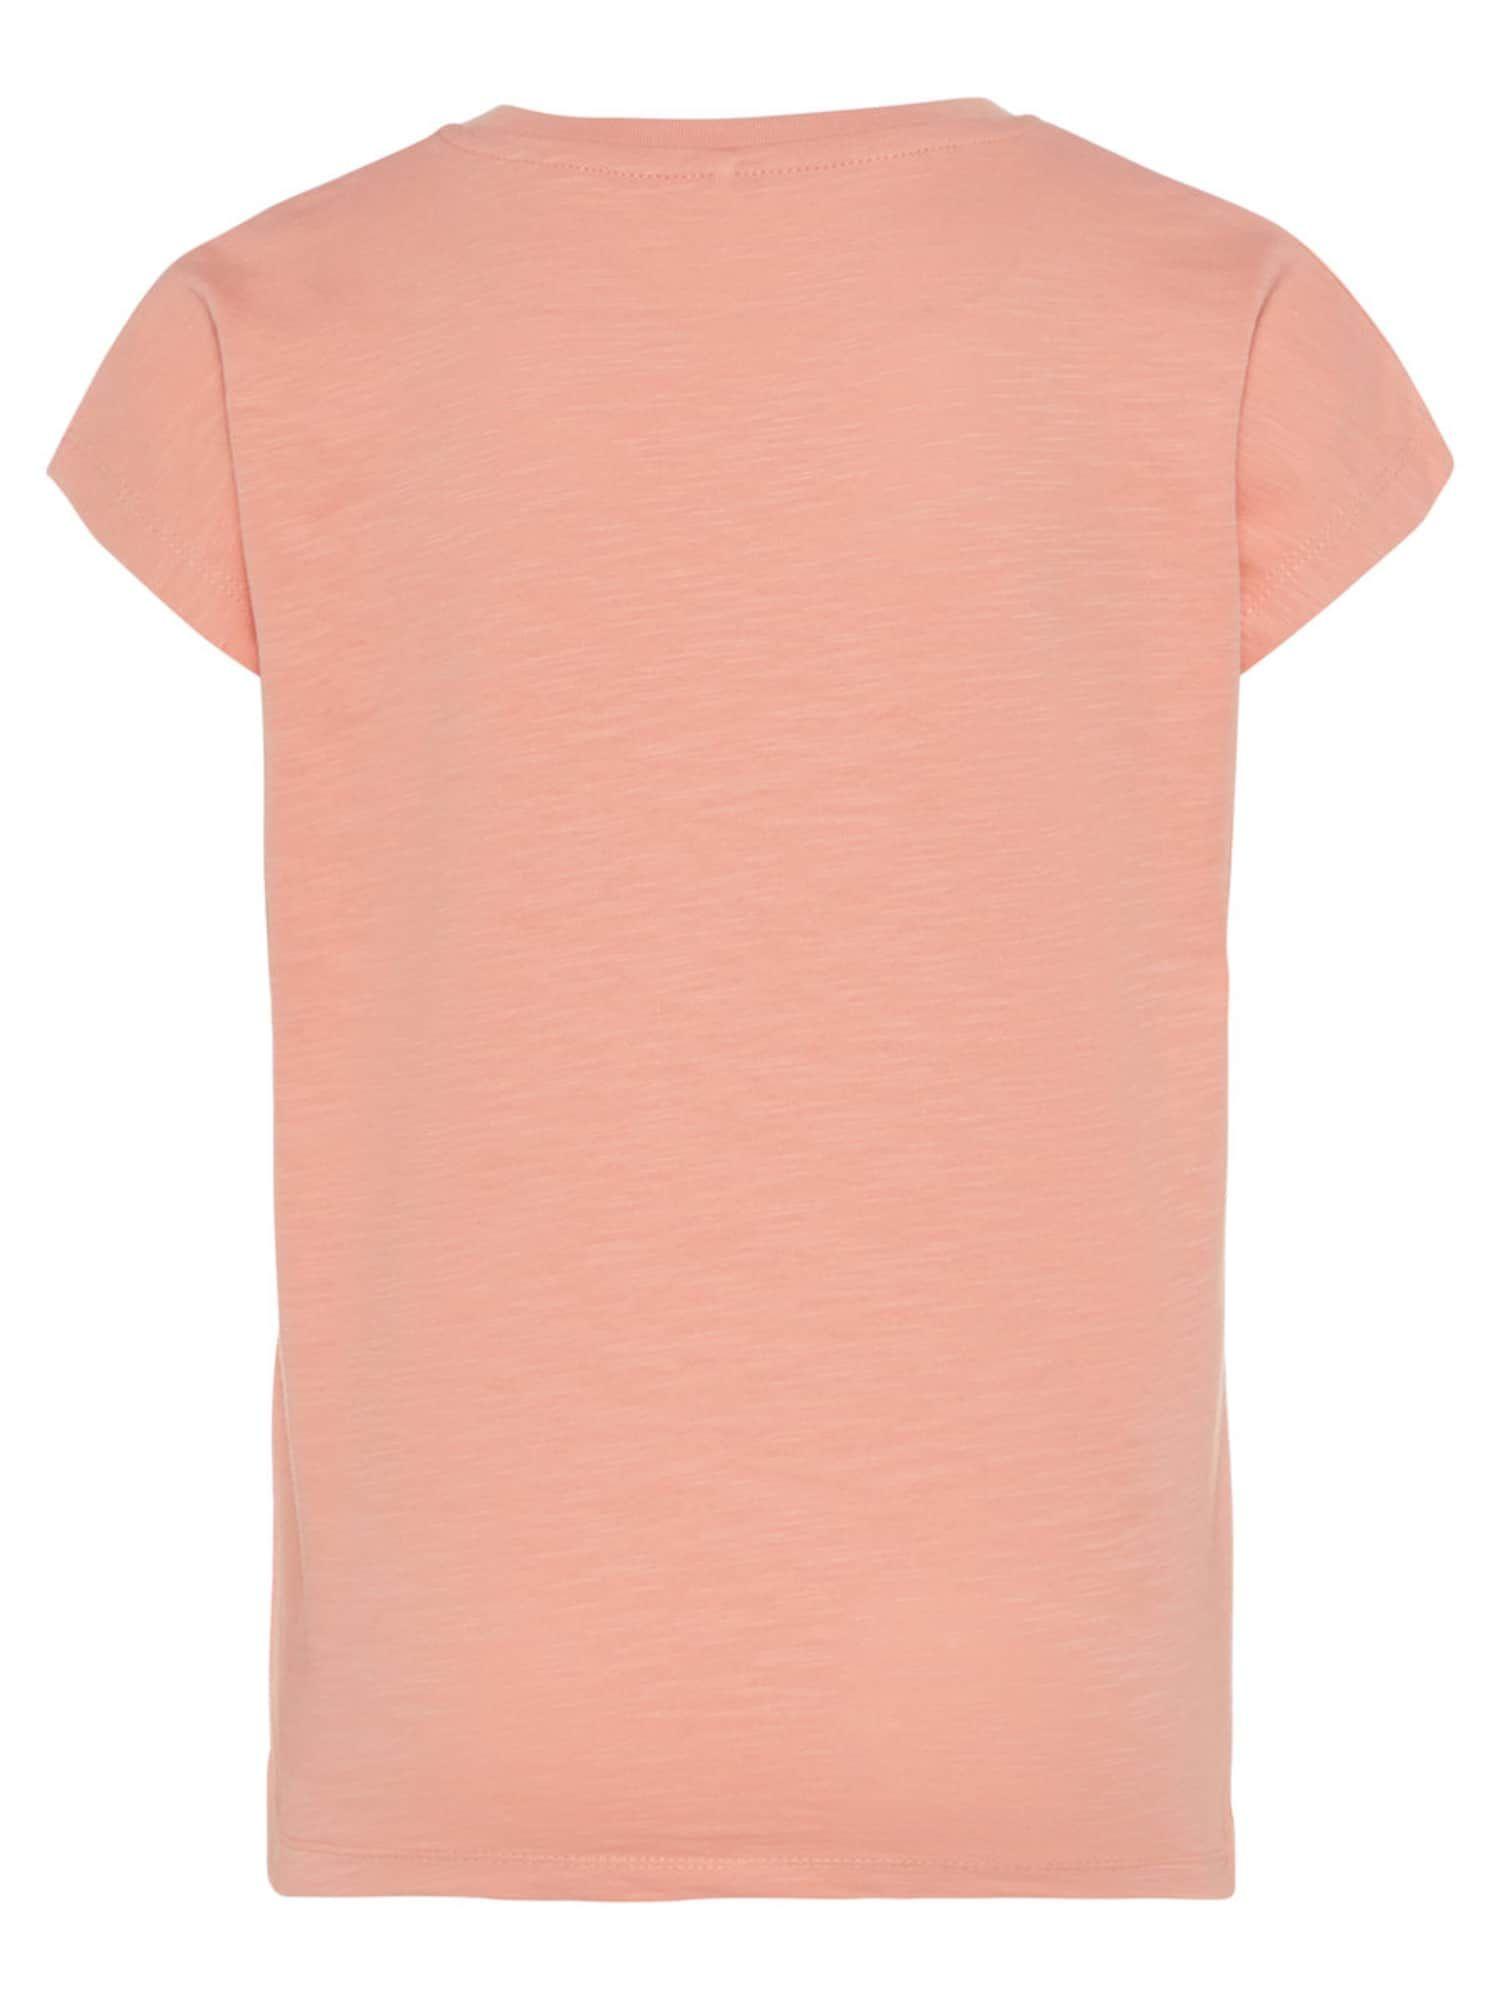 Name It Glitzerprint T Shirt Madchen Altrosa Grosse 122 128 Altrosa Shirts Und Madchen